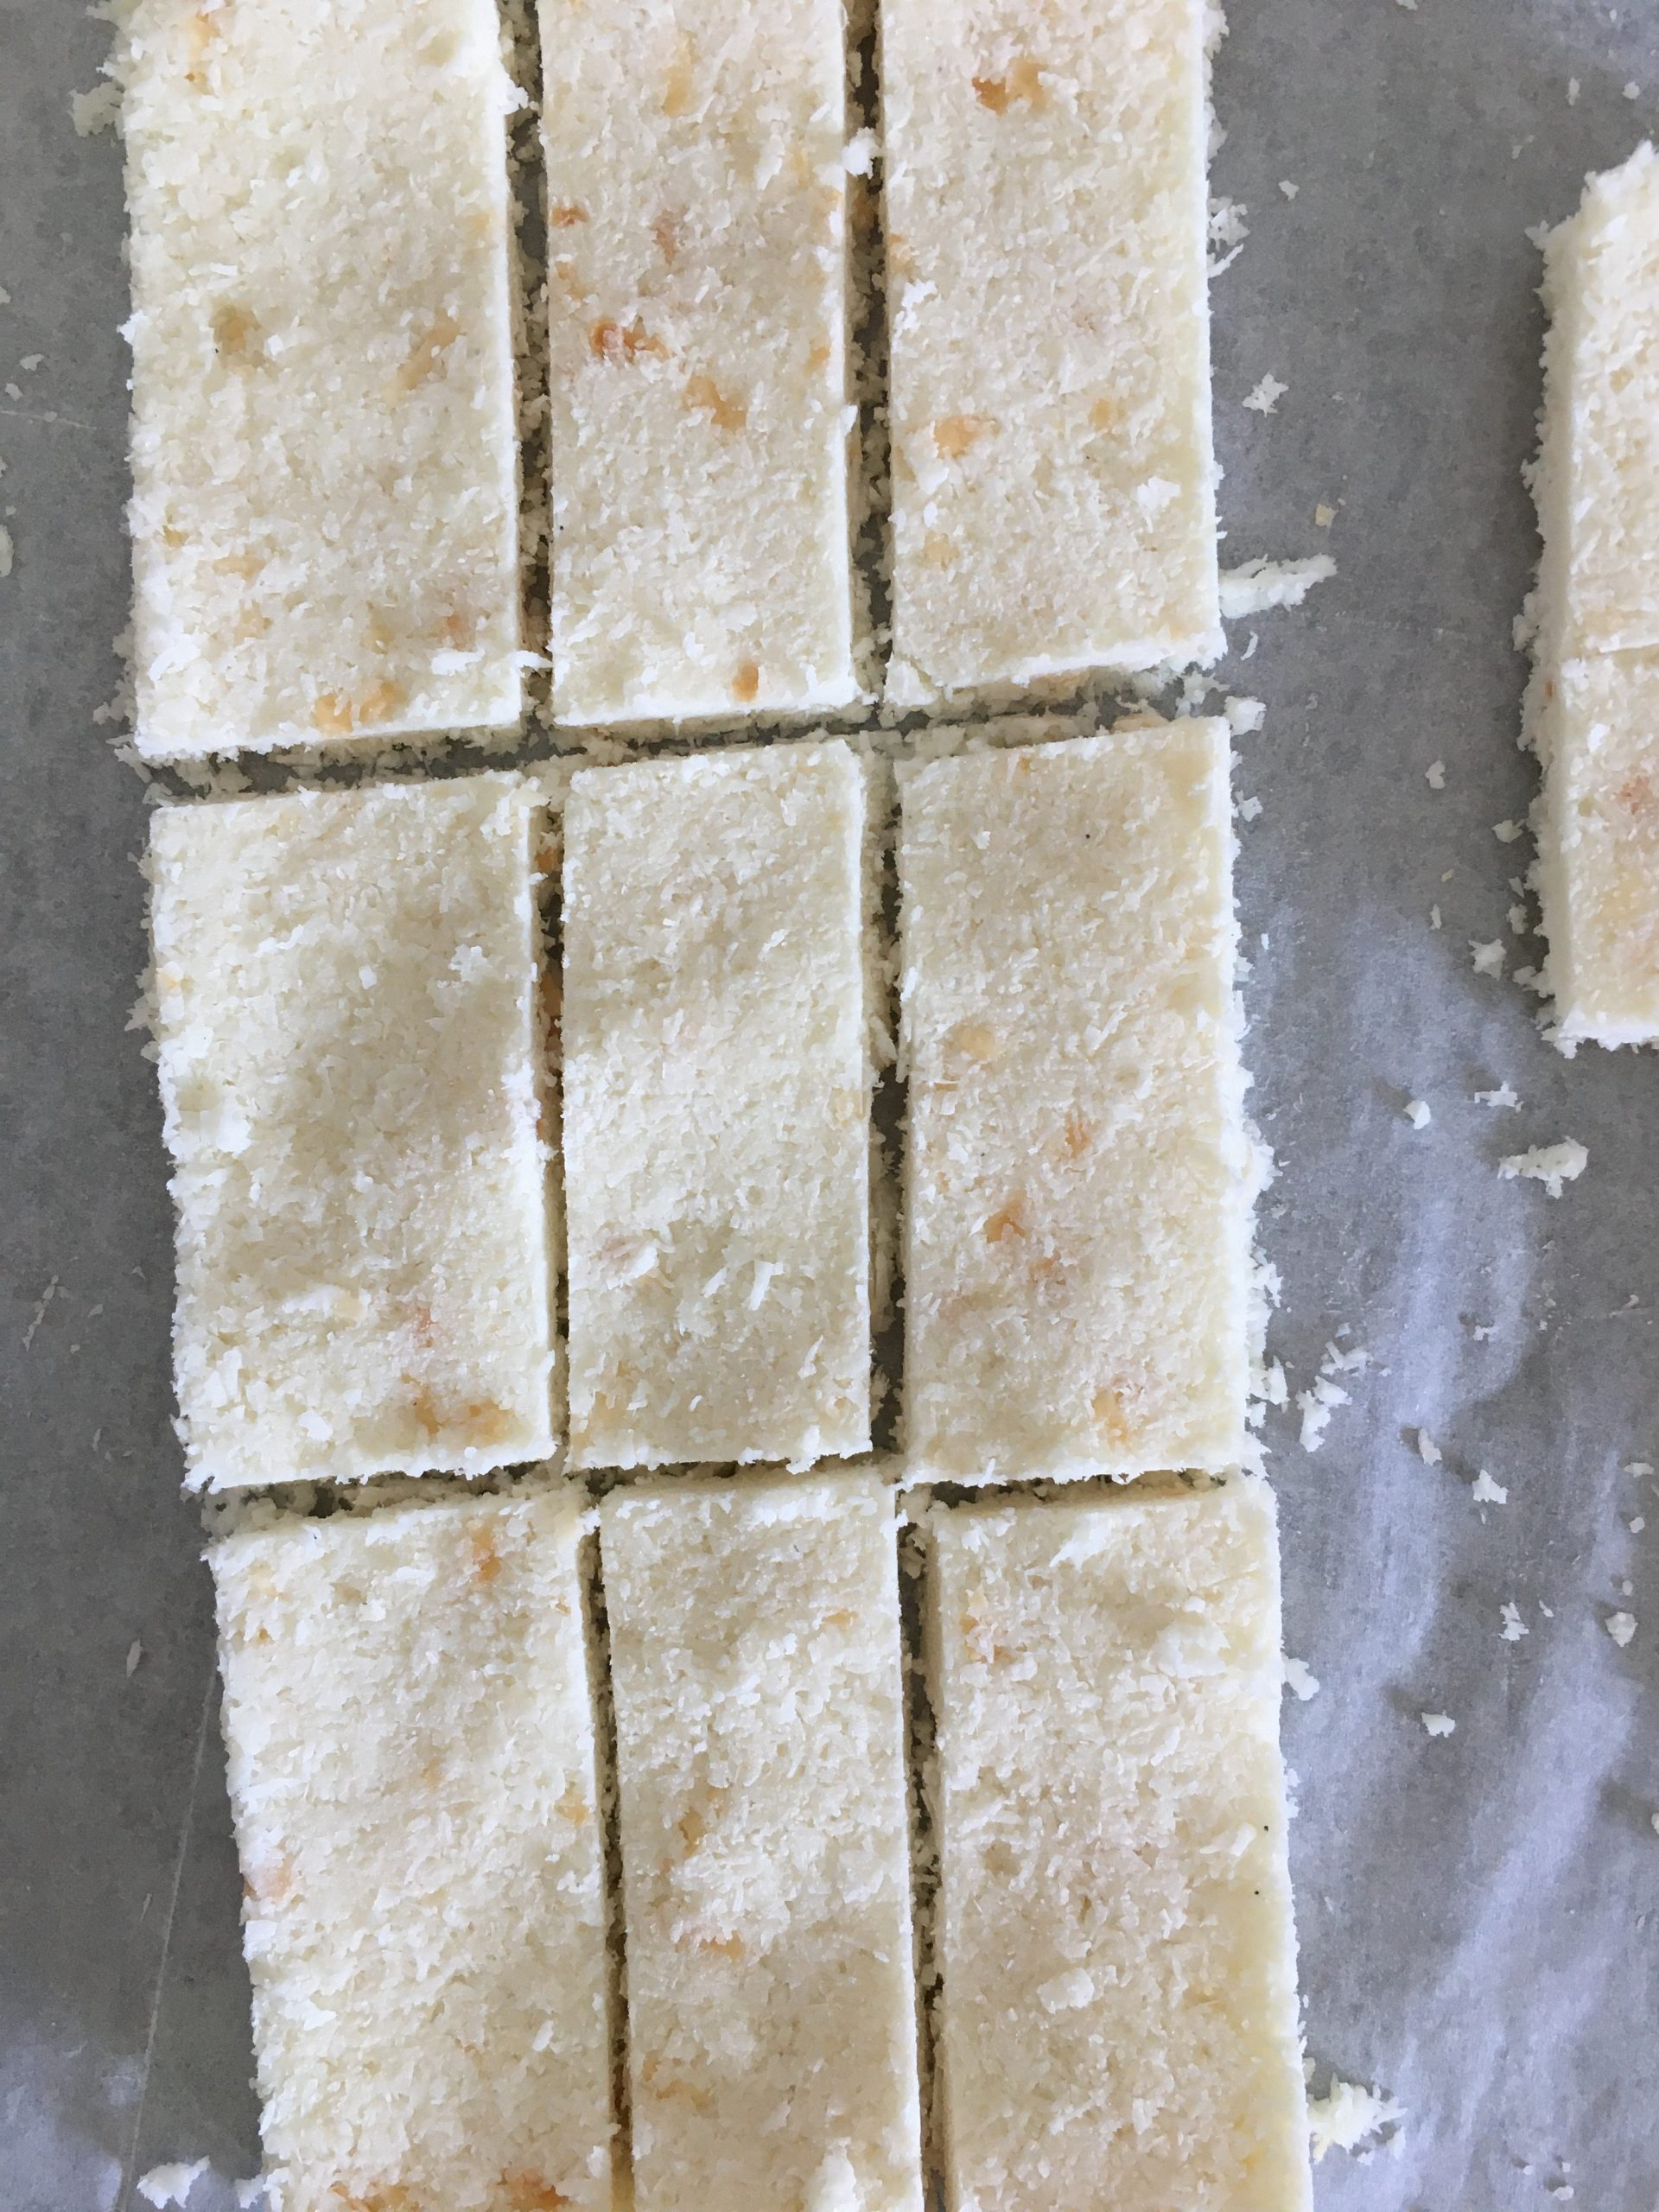 באונטי ביתי - חטיף קוקוס ושוקולד טבעוני   צילום: ספיר דהן